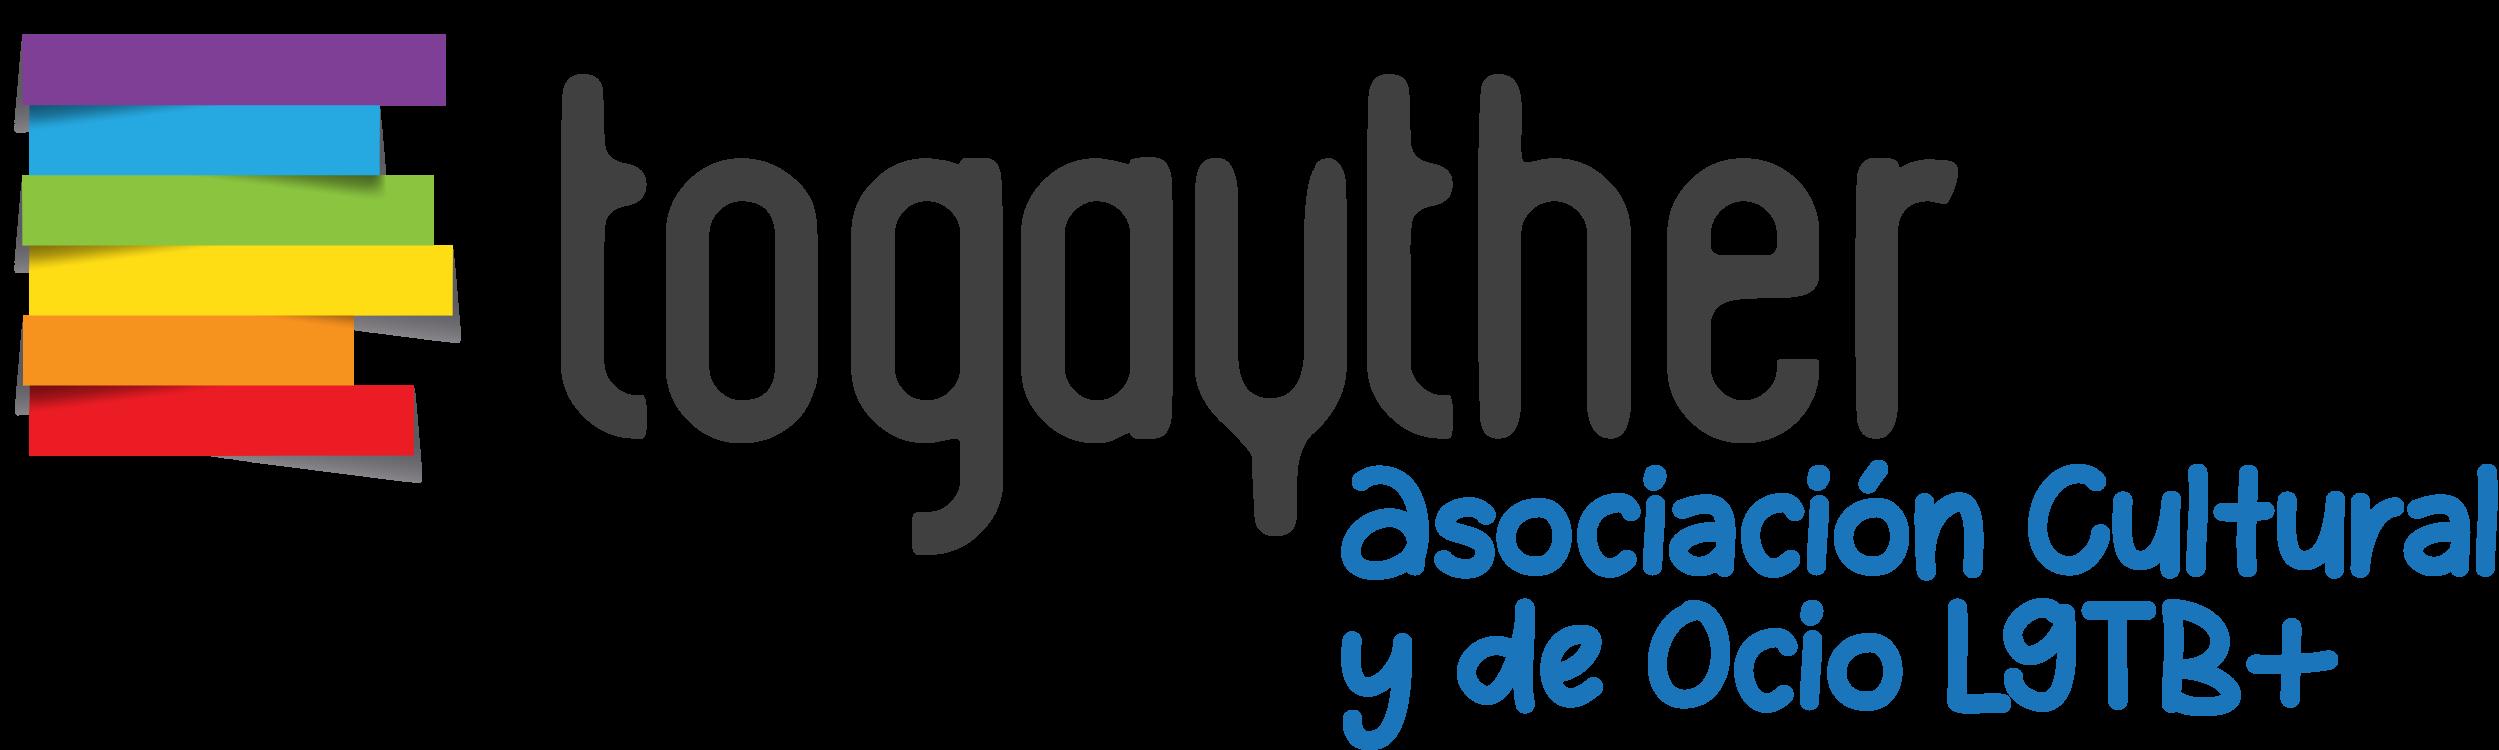 Asociación Togayther